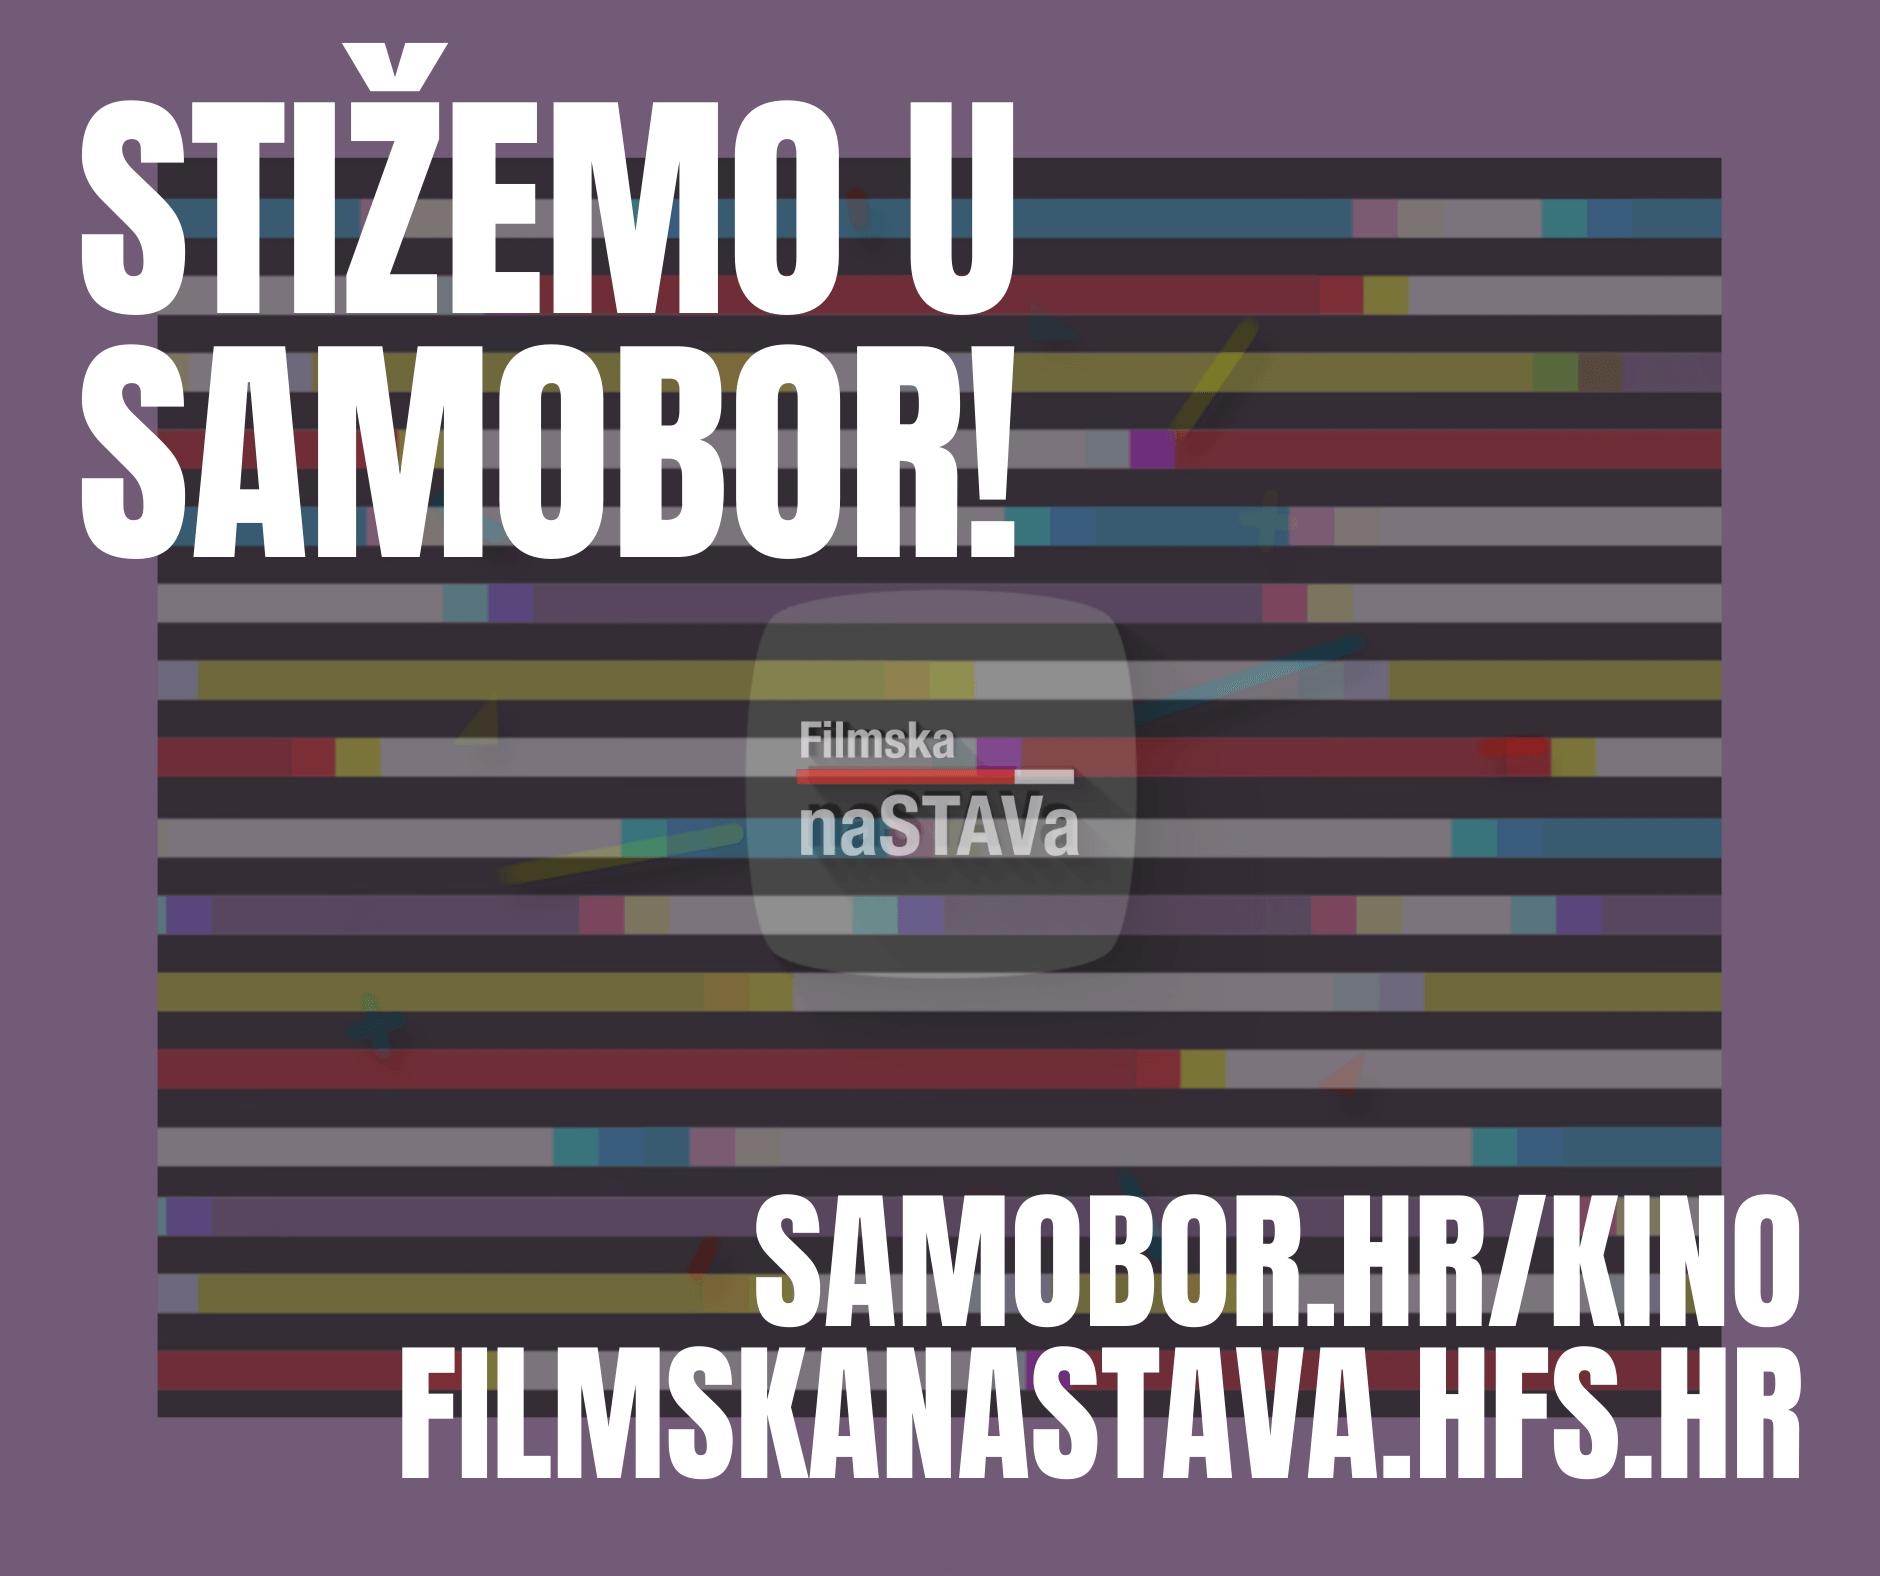 Filmska naSTAVa u gostima: putujemo u Samobor!